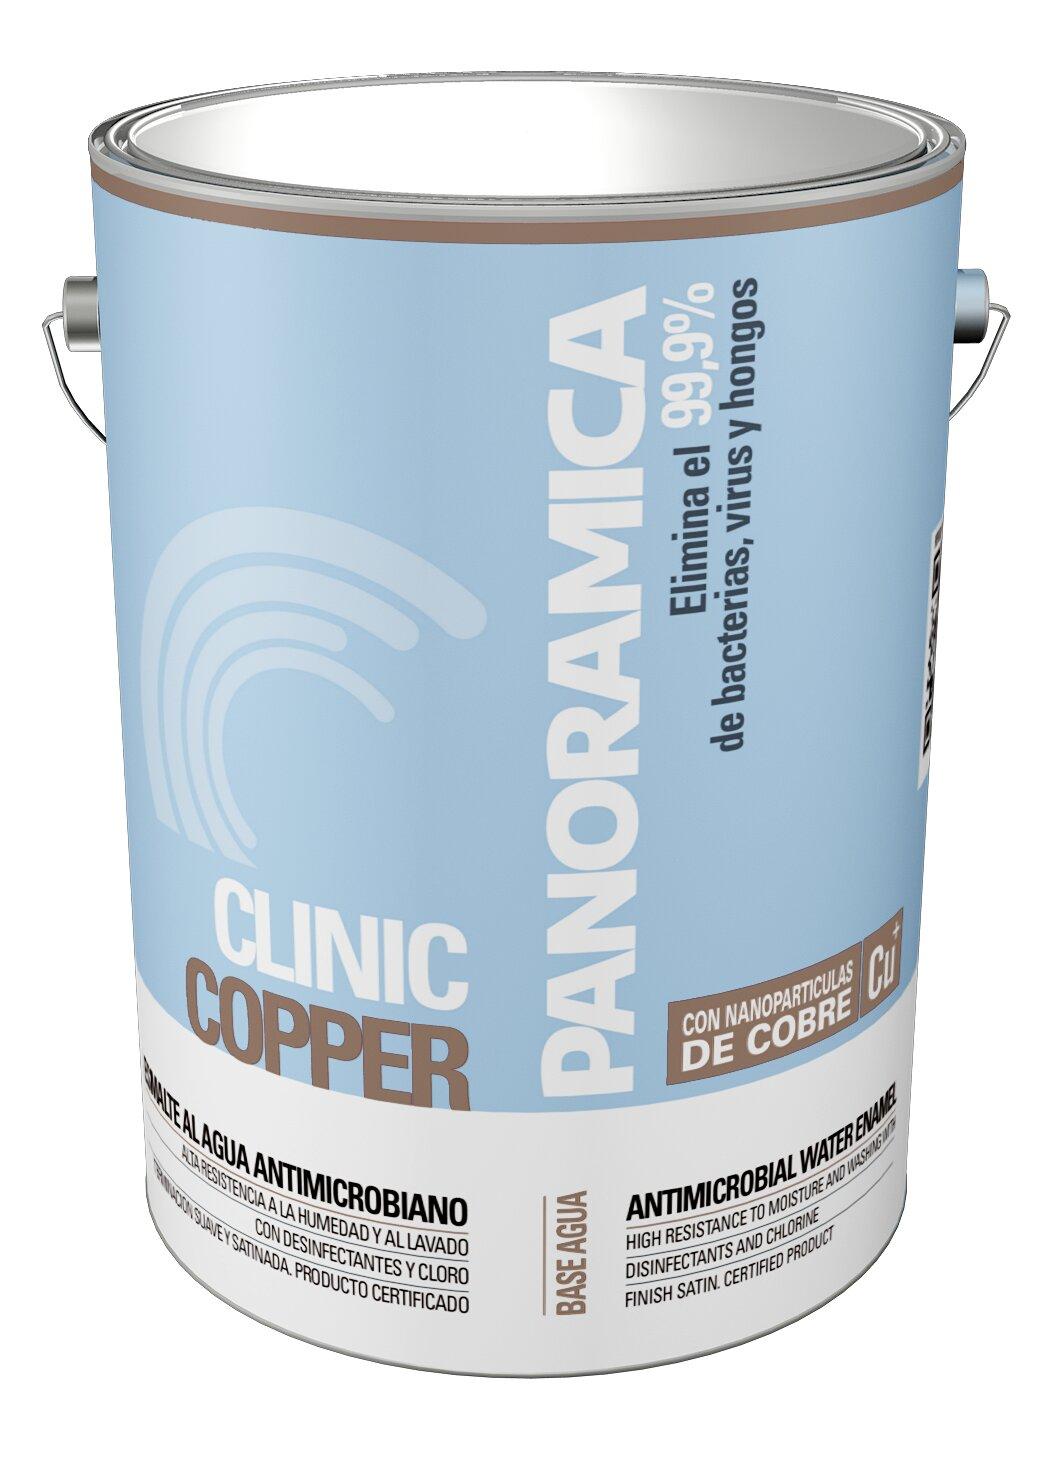 esmalte al agua clinic copper